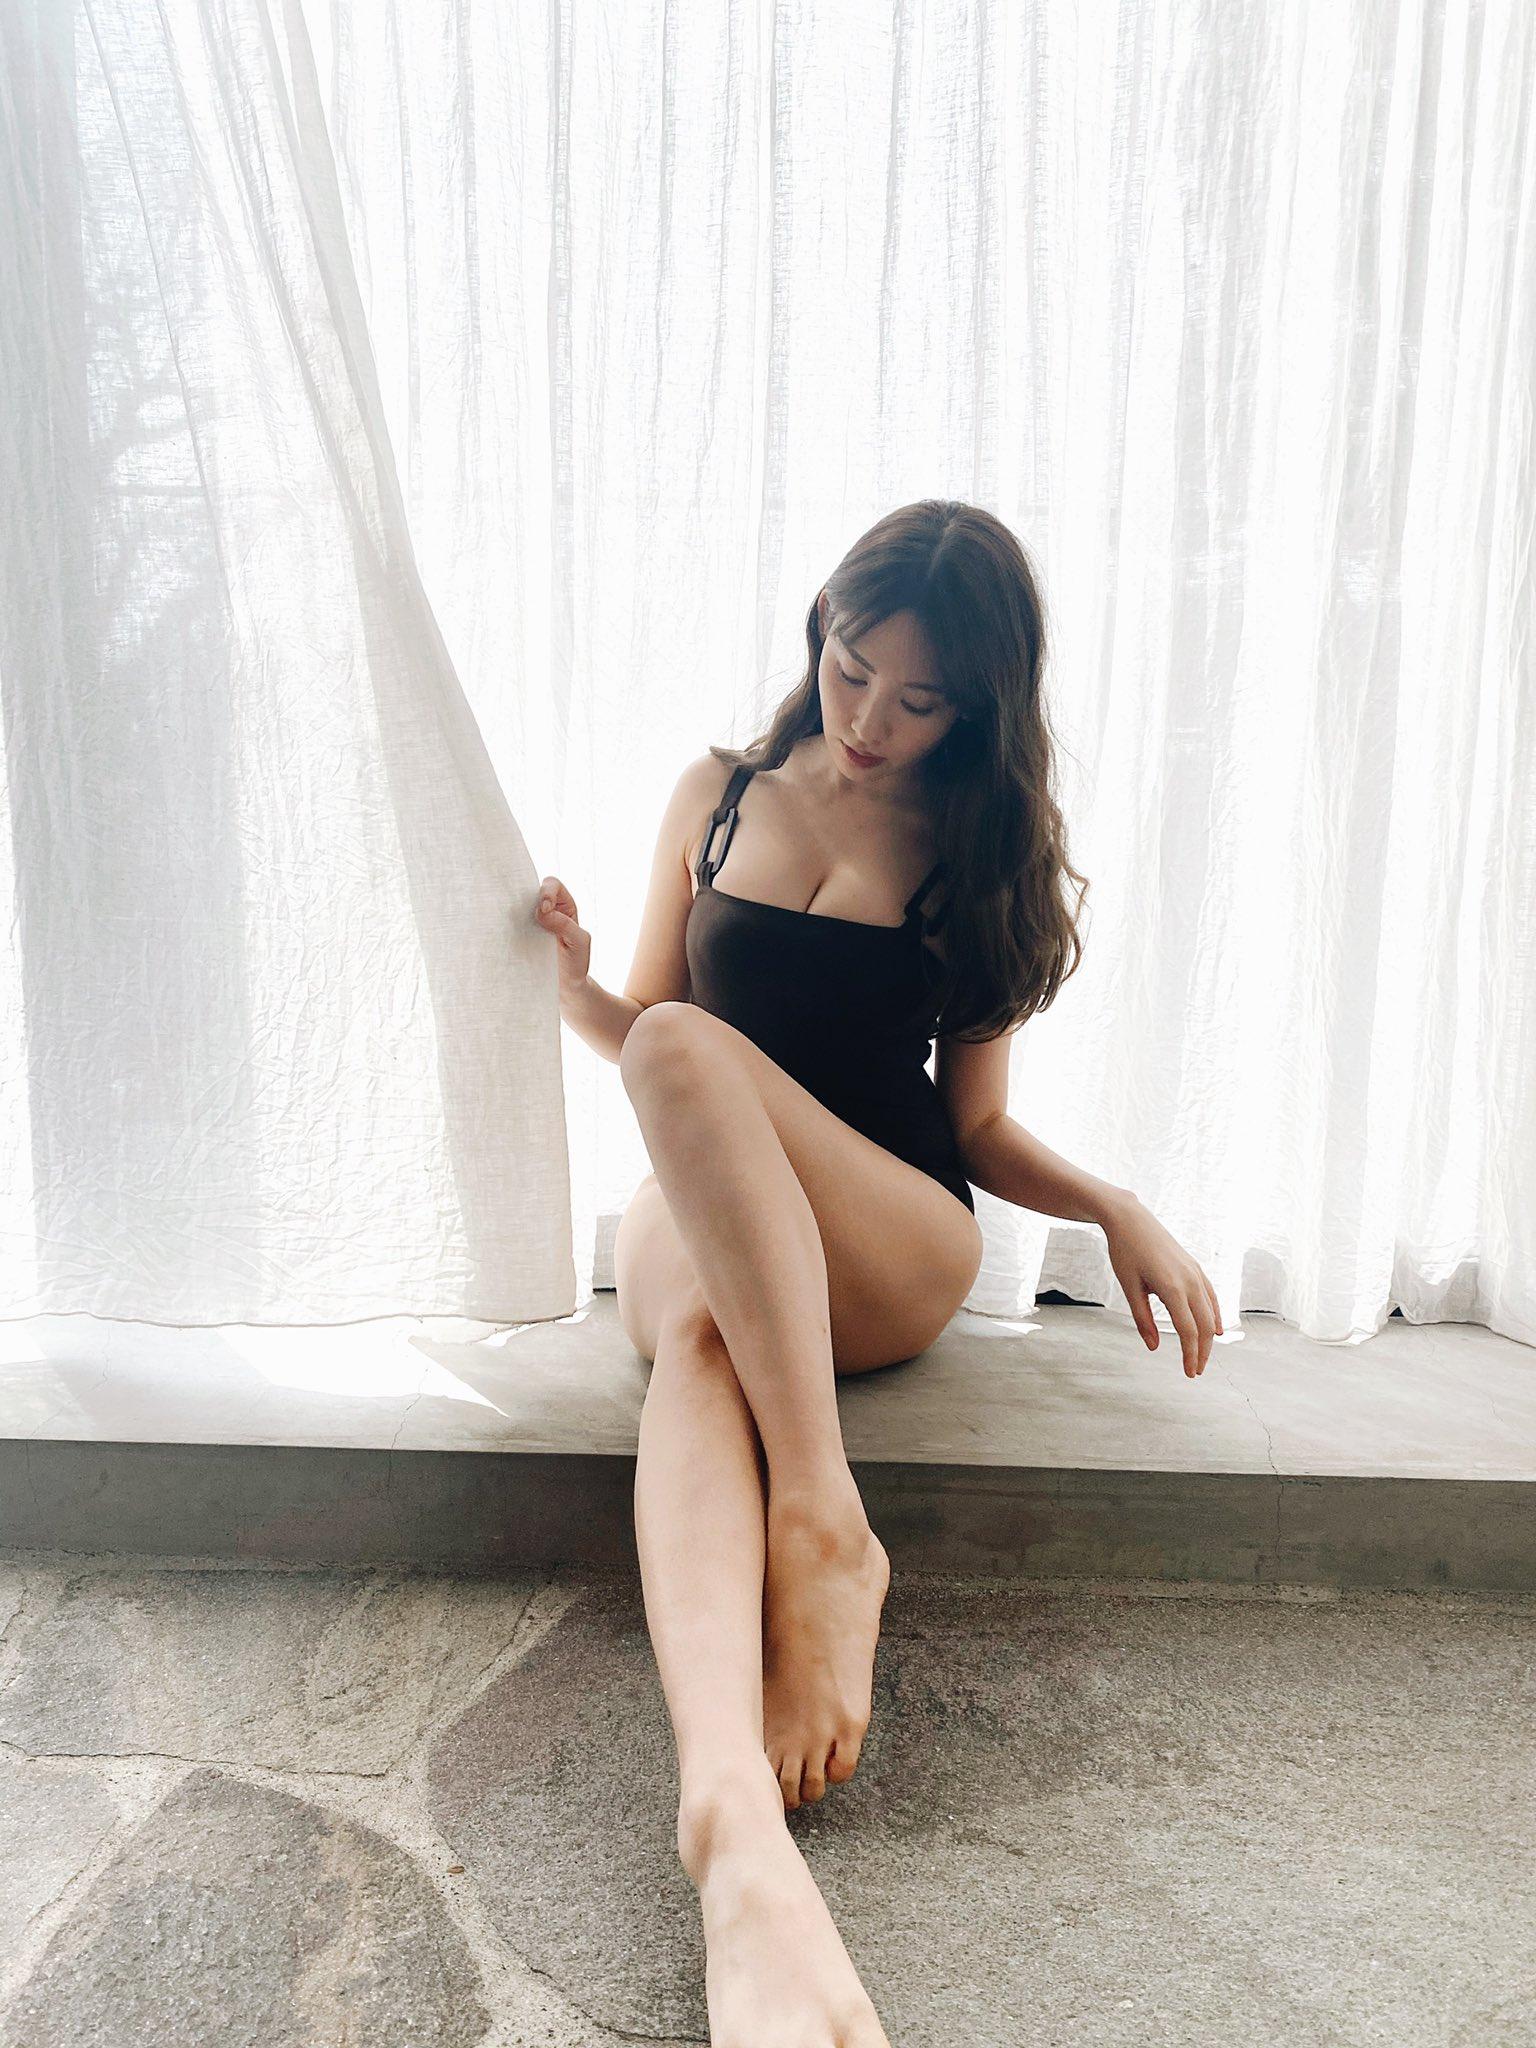 小嶋陽菜「オトナな美ボディにドキっ」大胆水着に「セクシー!」「彼女になってほしい」【画像4枚】の画像004